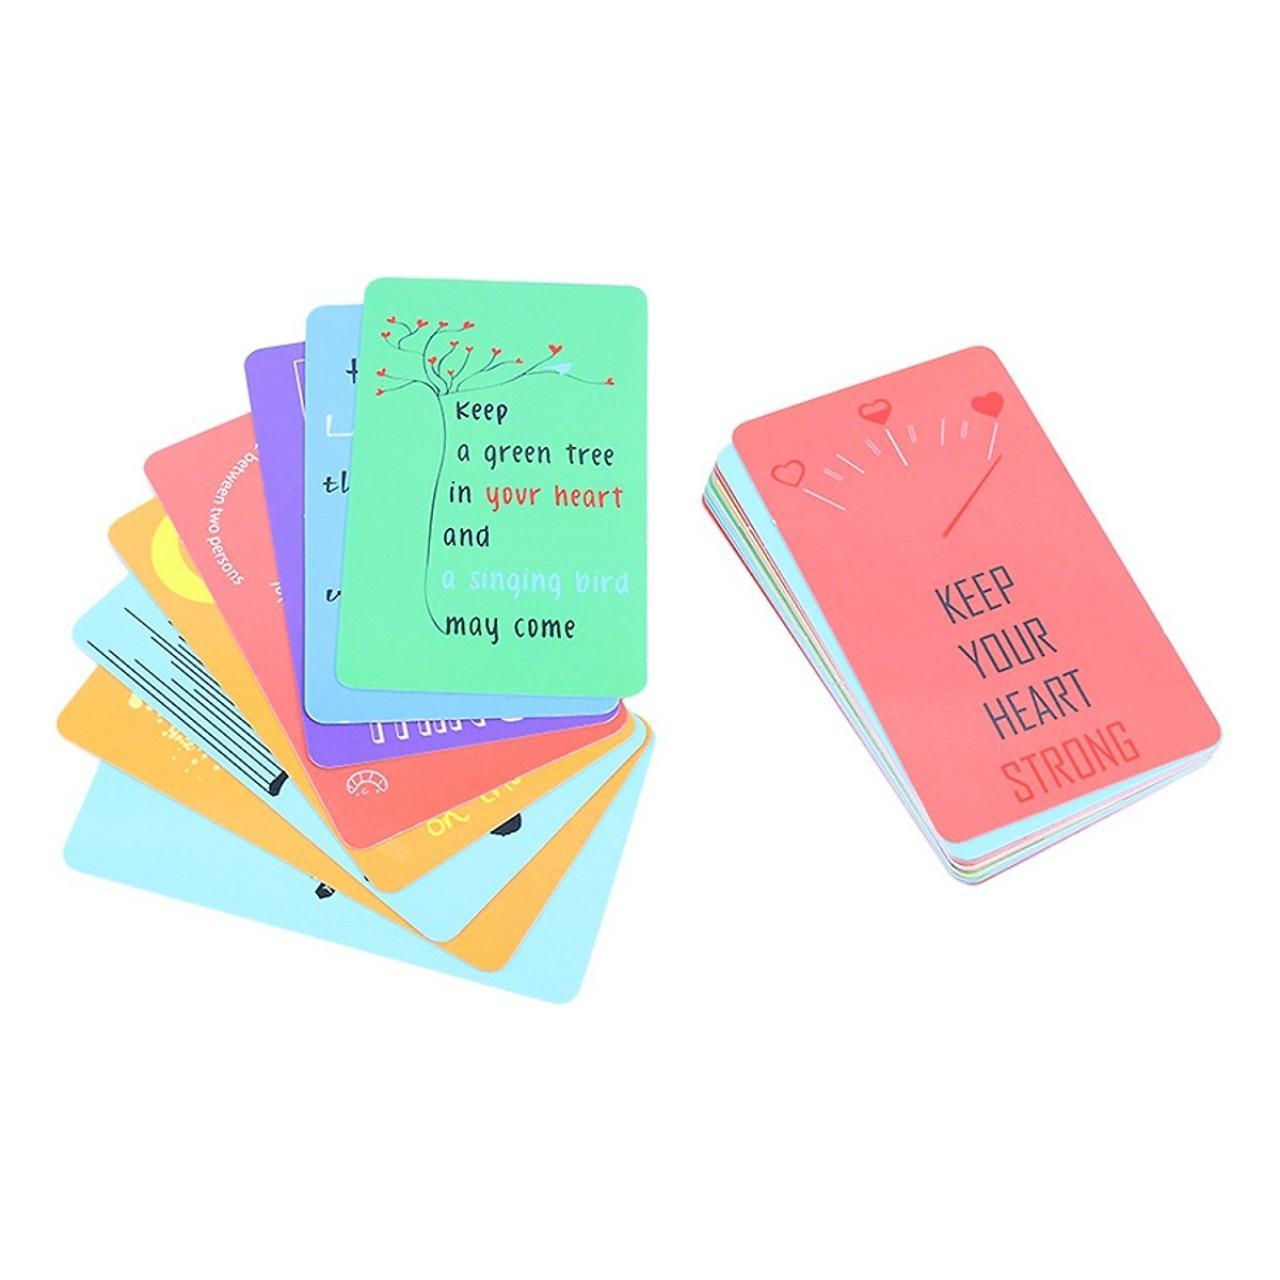 Sách Marketing Hay Để Thành Công: Thế Mới Là Marketing (This Is Marketing) / Sách Kinh Tế - Kỹ Năng Bán Hàng (Tặng Kèm Bookmark Happy Life)